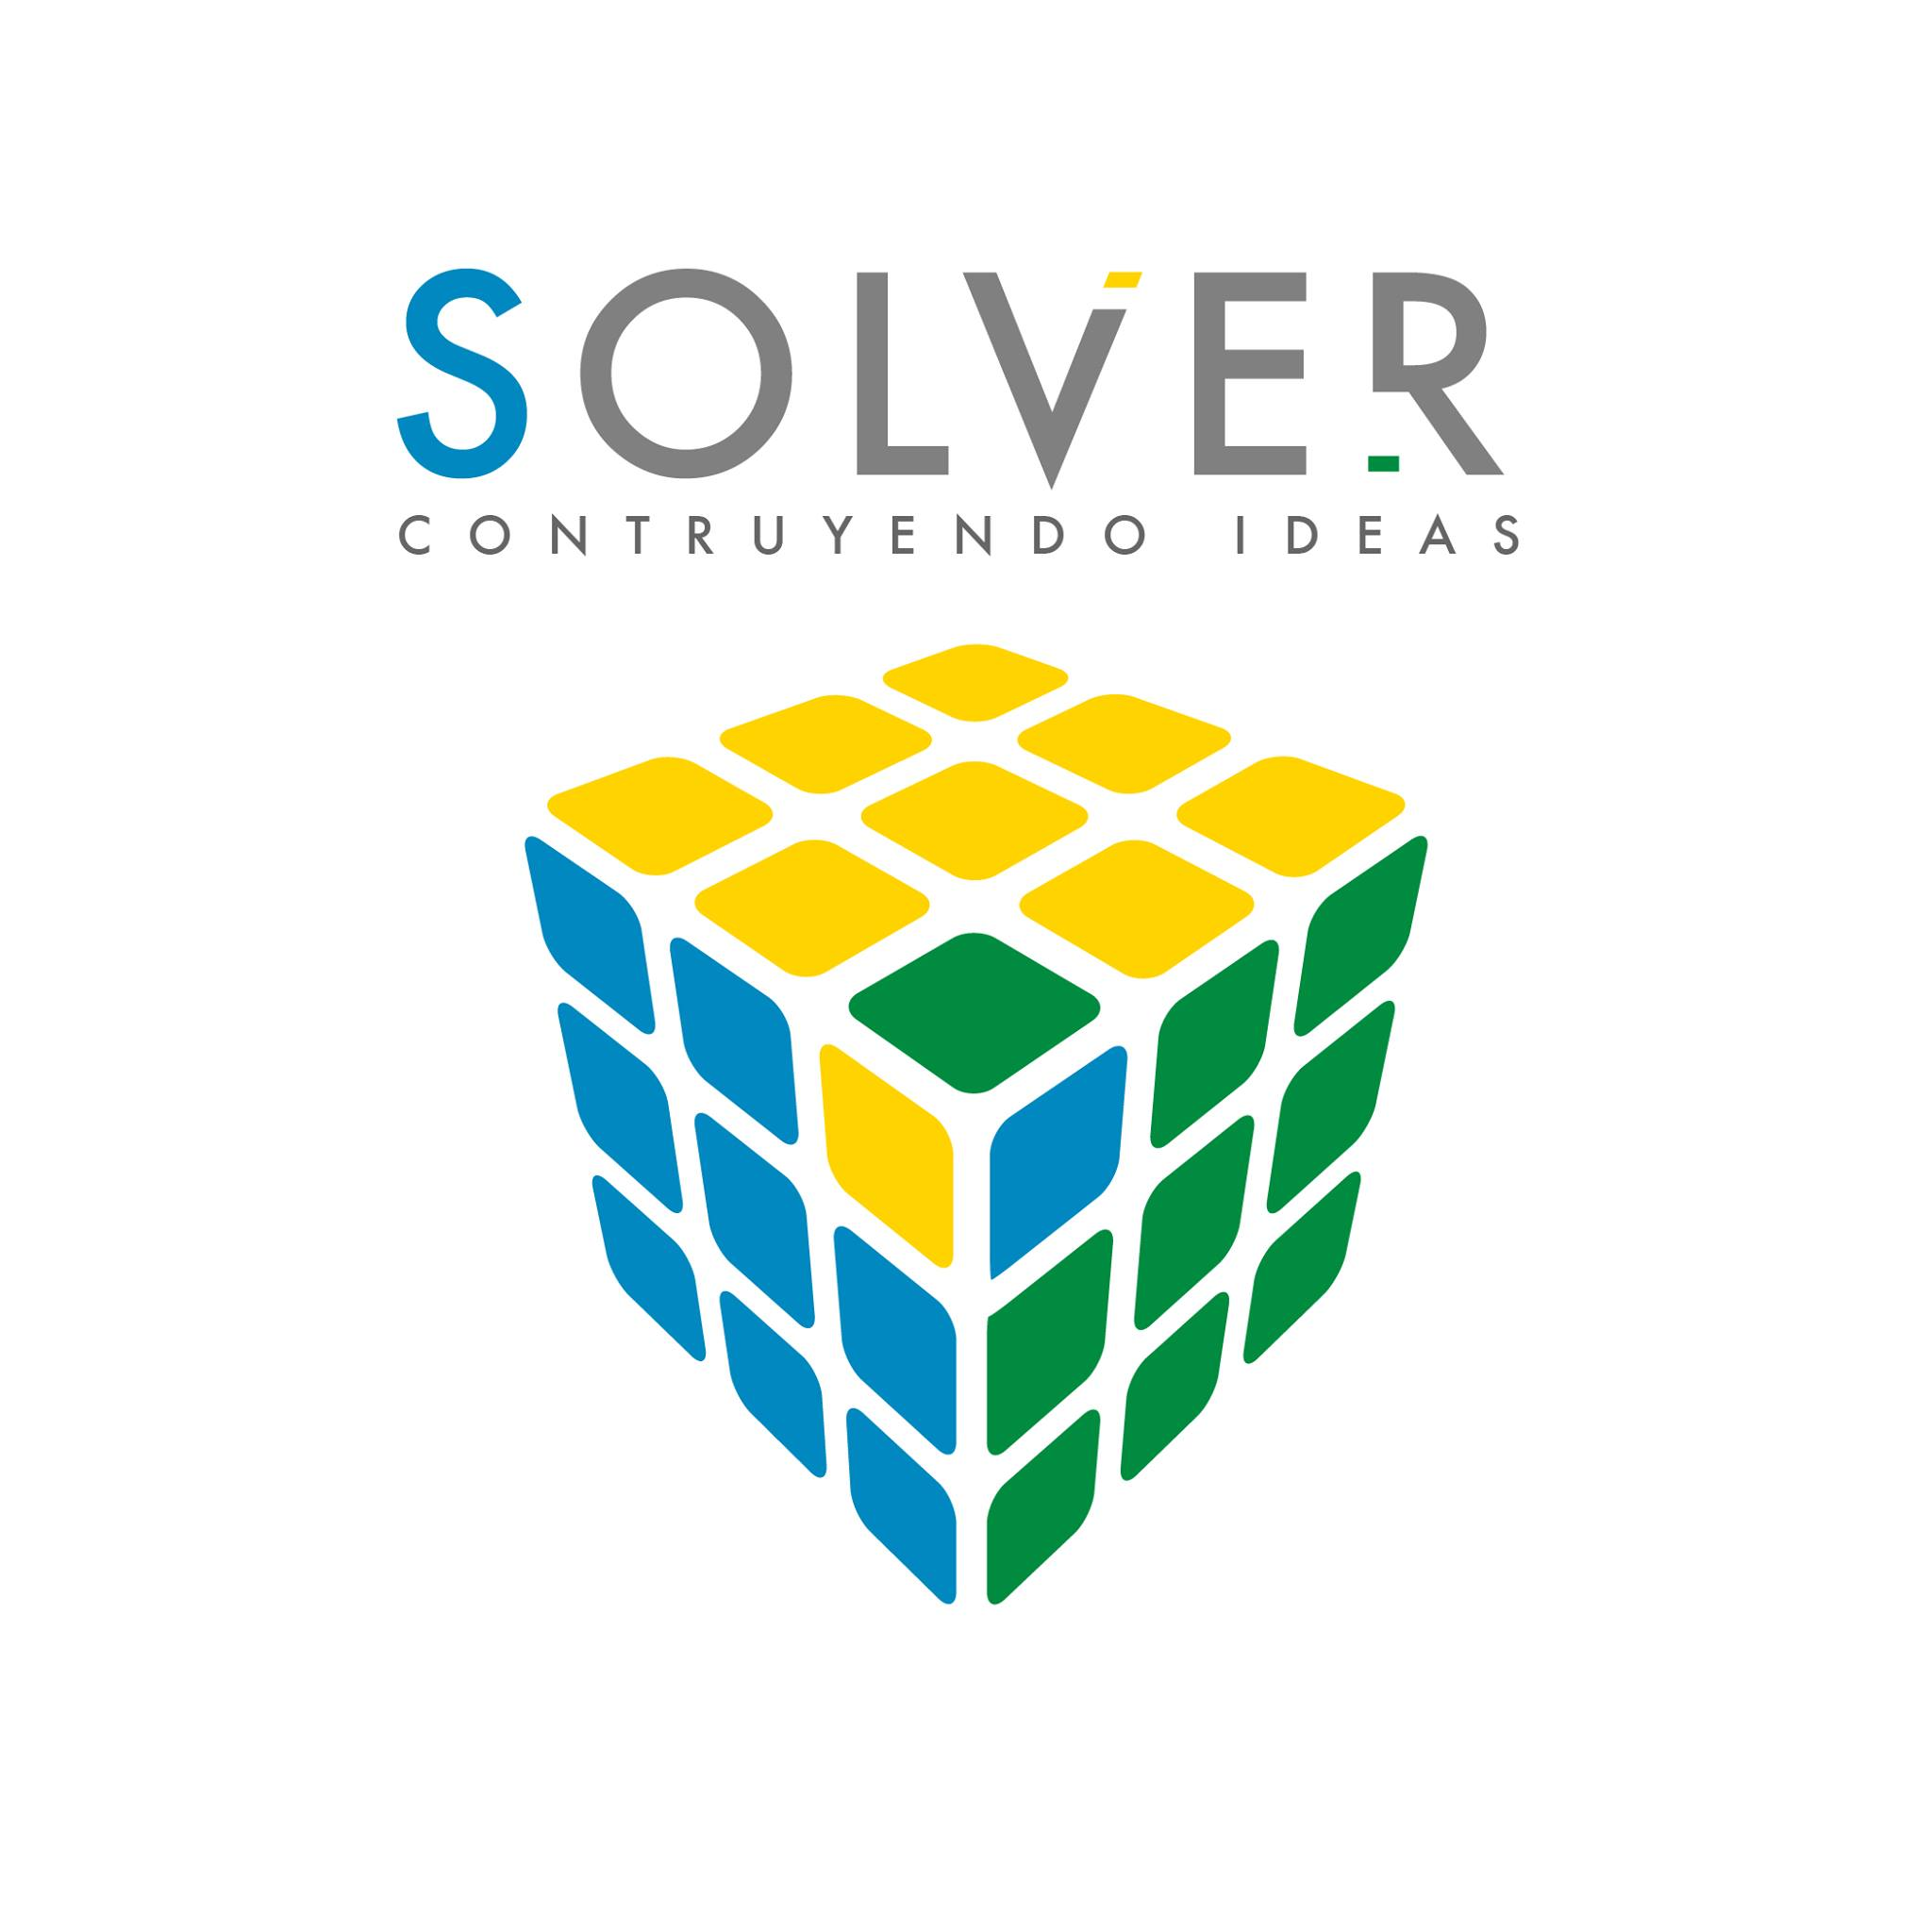 SolverIdeas